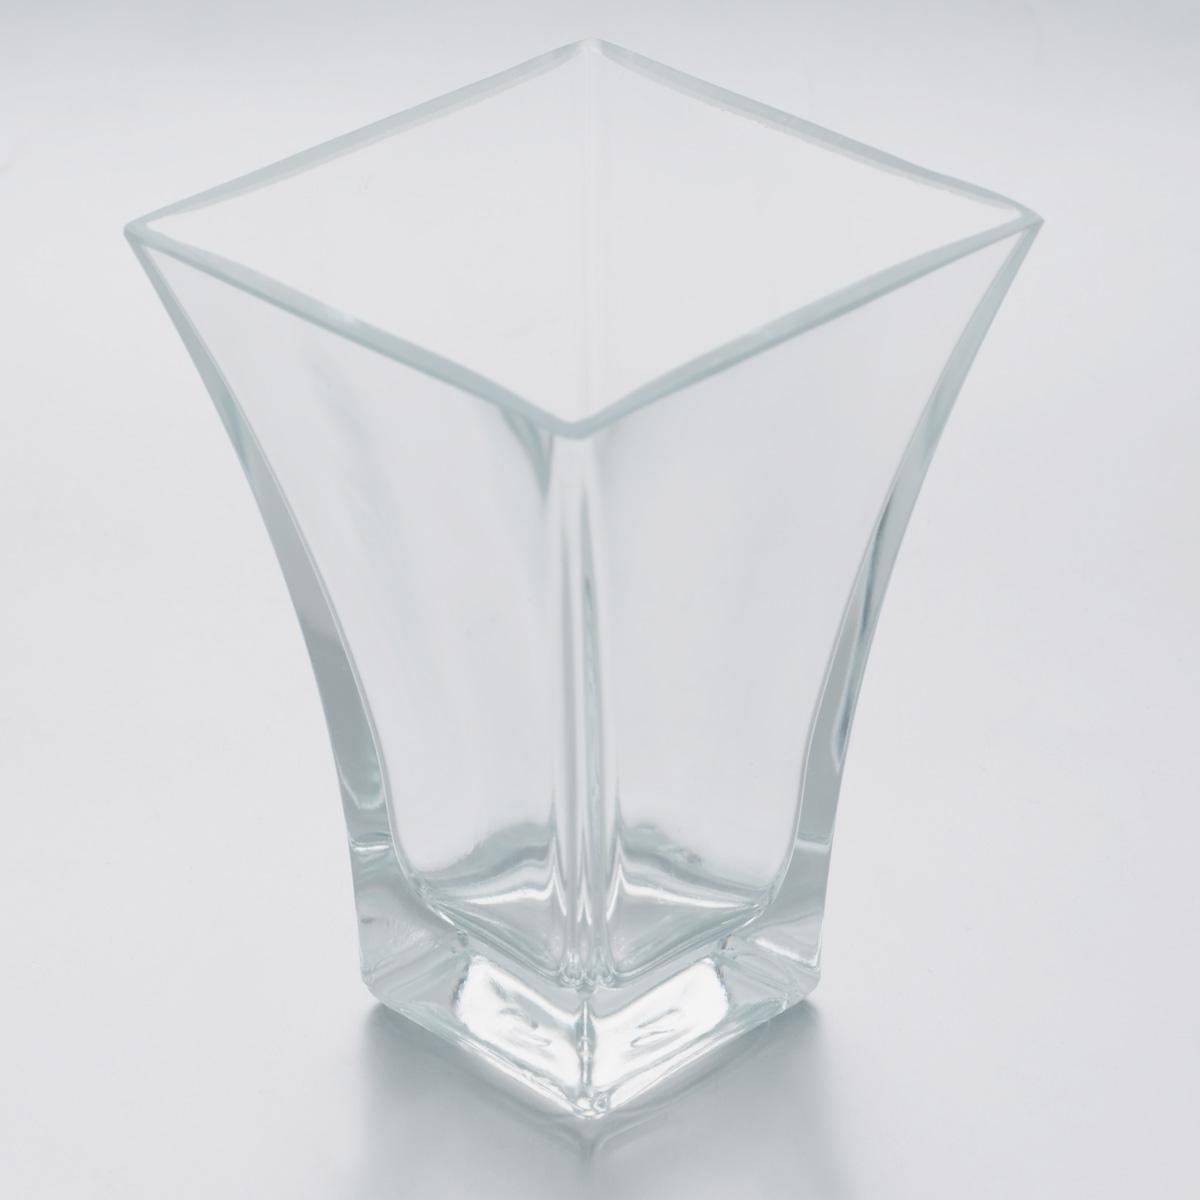 Ваза Pasabahce Botanica, высота 14 см. 80147B80147BВаза Pasabahce Botanica, выполненная из натрий-кальций- силикатного стекла, сочетает в себе изысканный дизайн с максимальной функциональностью. Такая ваза подойдет для декора интерьера. Кроме того - это отличный вариант подарка для ваших близких и друзей Можно мыть в посудомоечной машине. Размер вазы по верхнему краю: 9,5 х 9,5 см. Высота: 14 см.